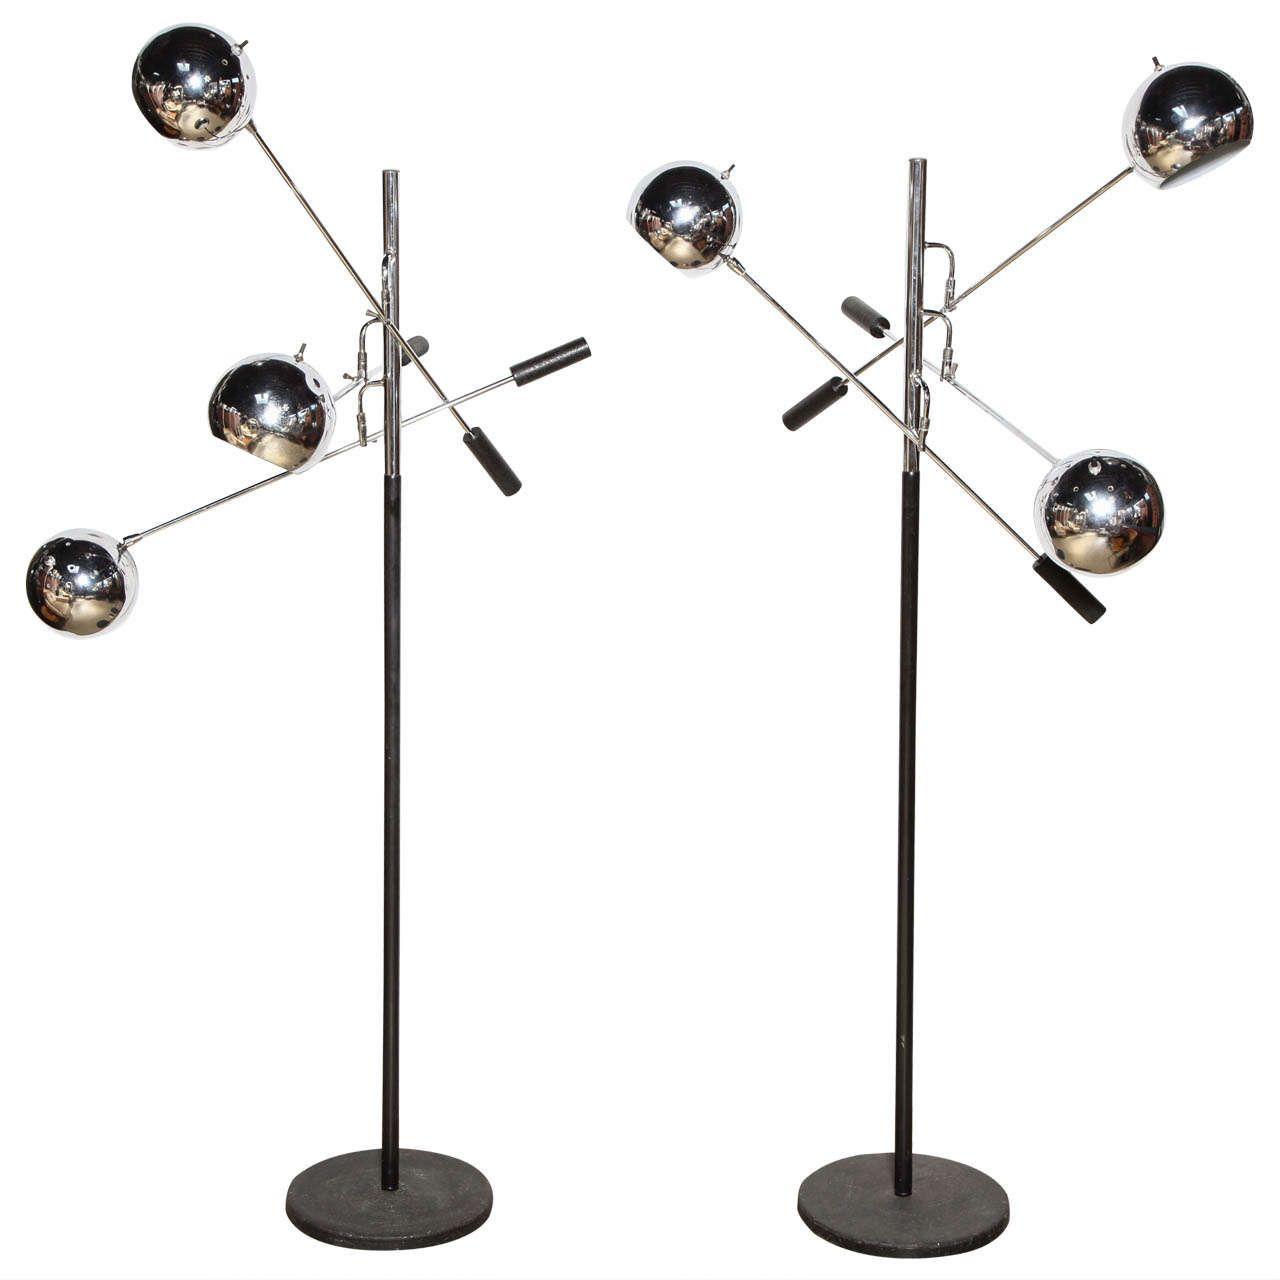 Image result for sonneman floor lamp lighting floor lamps image result for sonneman floor lamp aloadofball Images